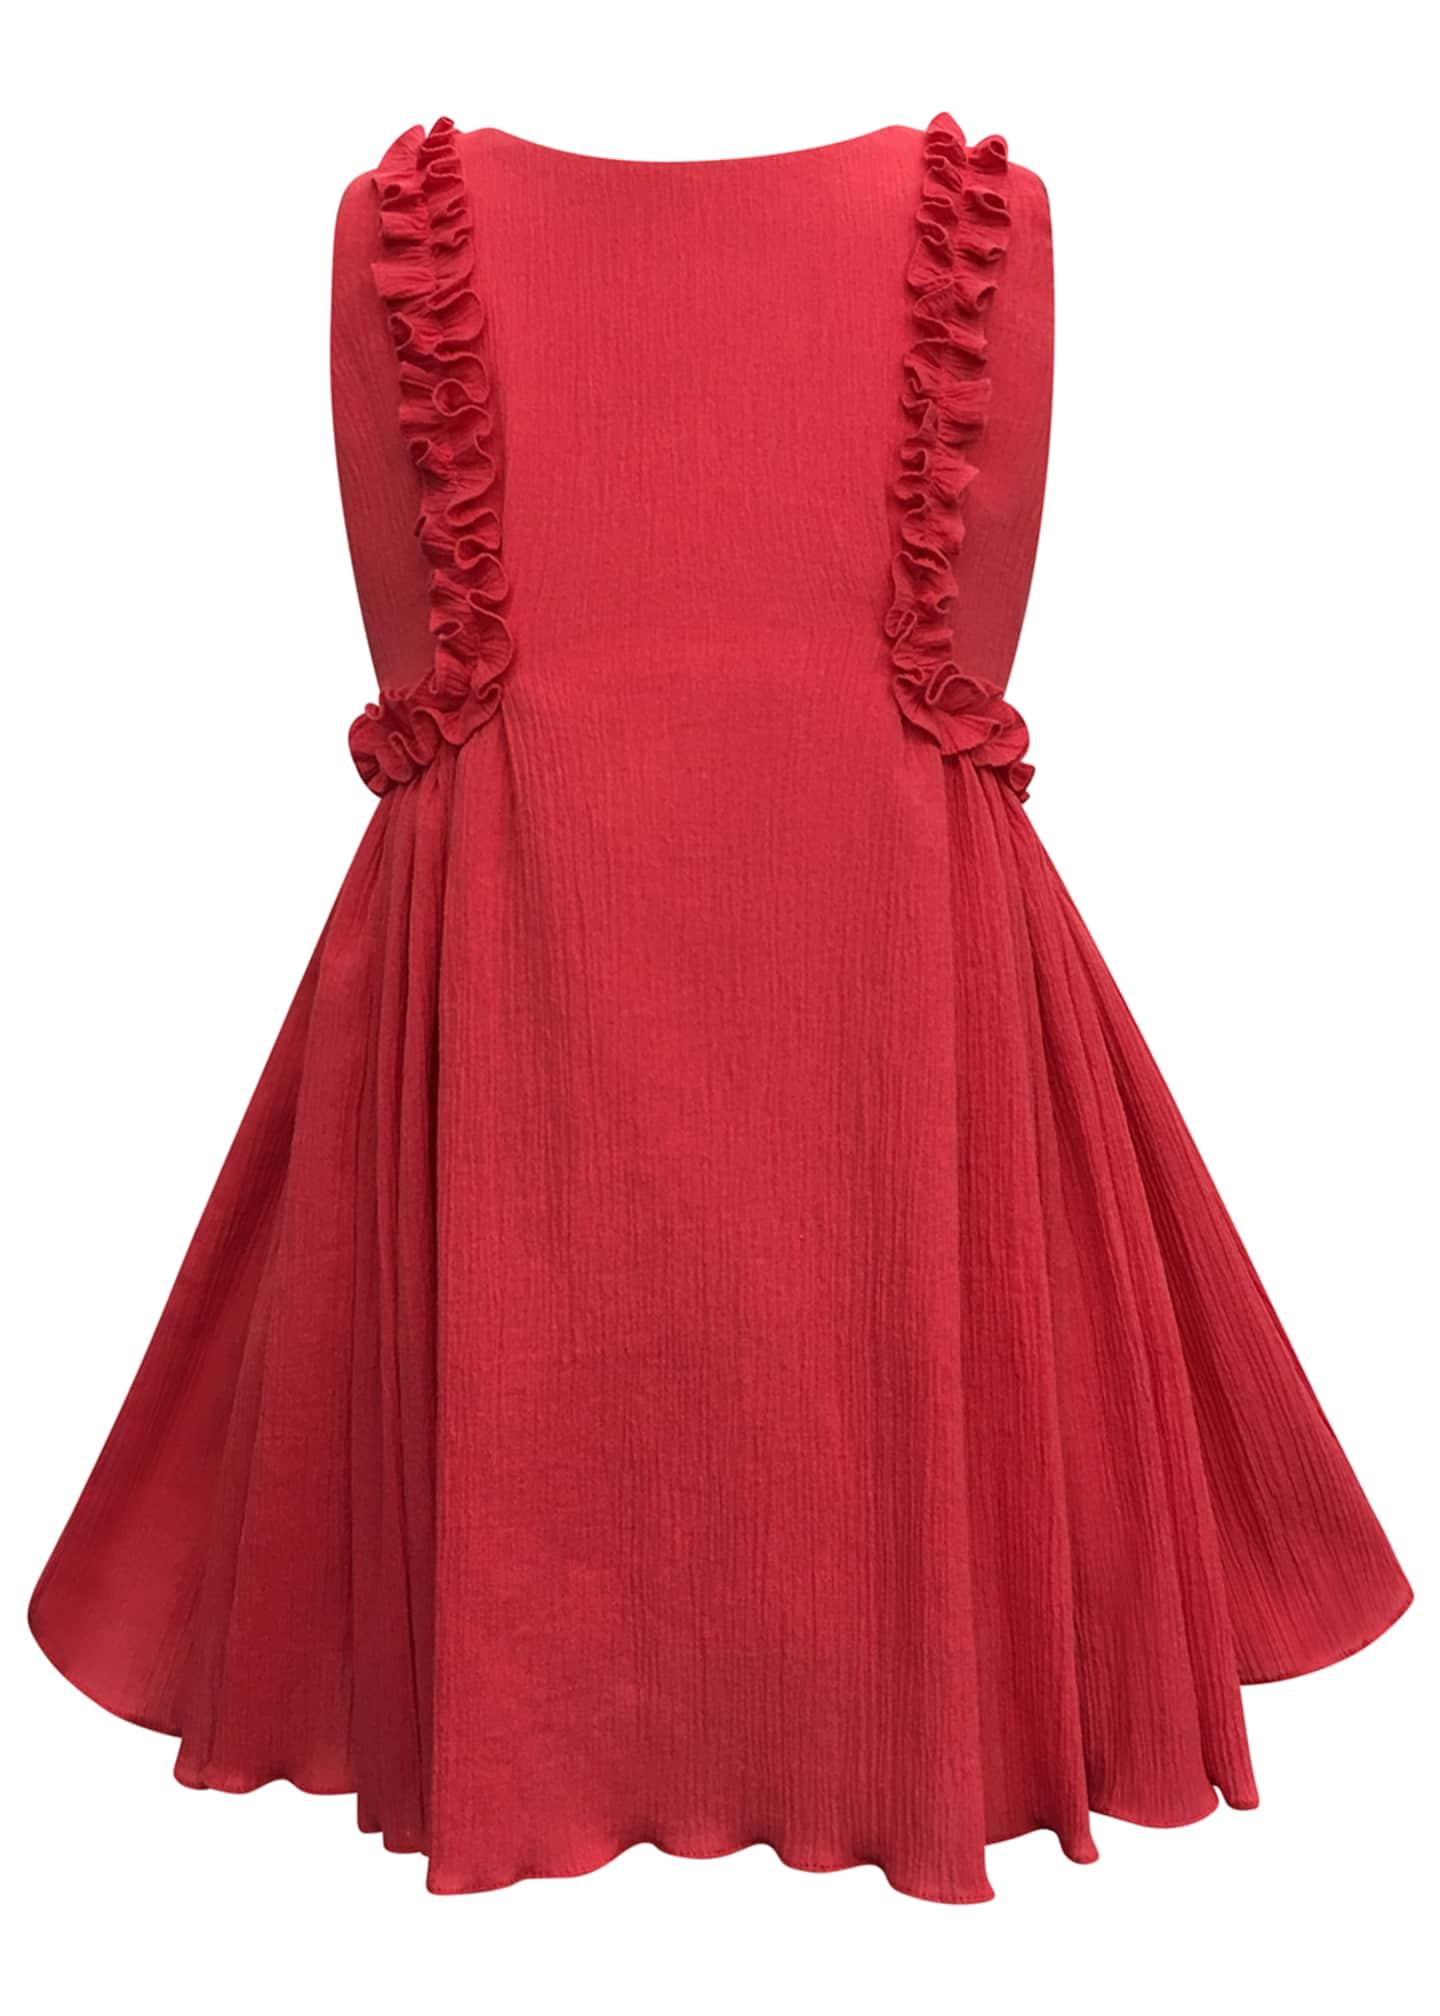 Helena Crinkled Ruffle-Trim Dress, Size 7-14